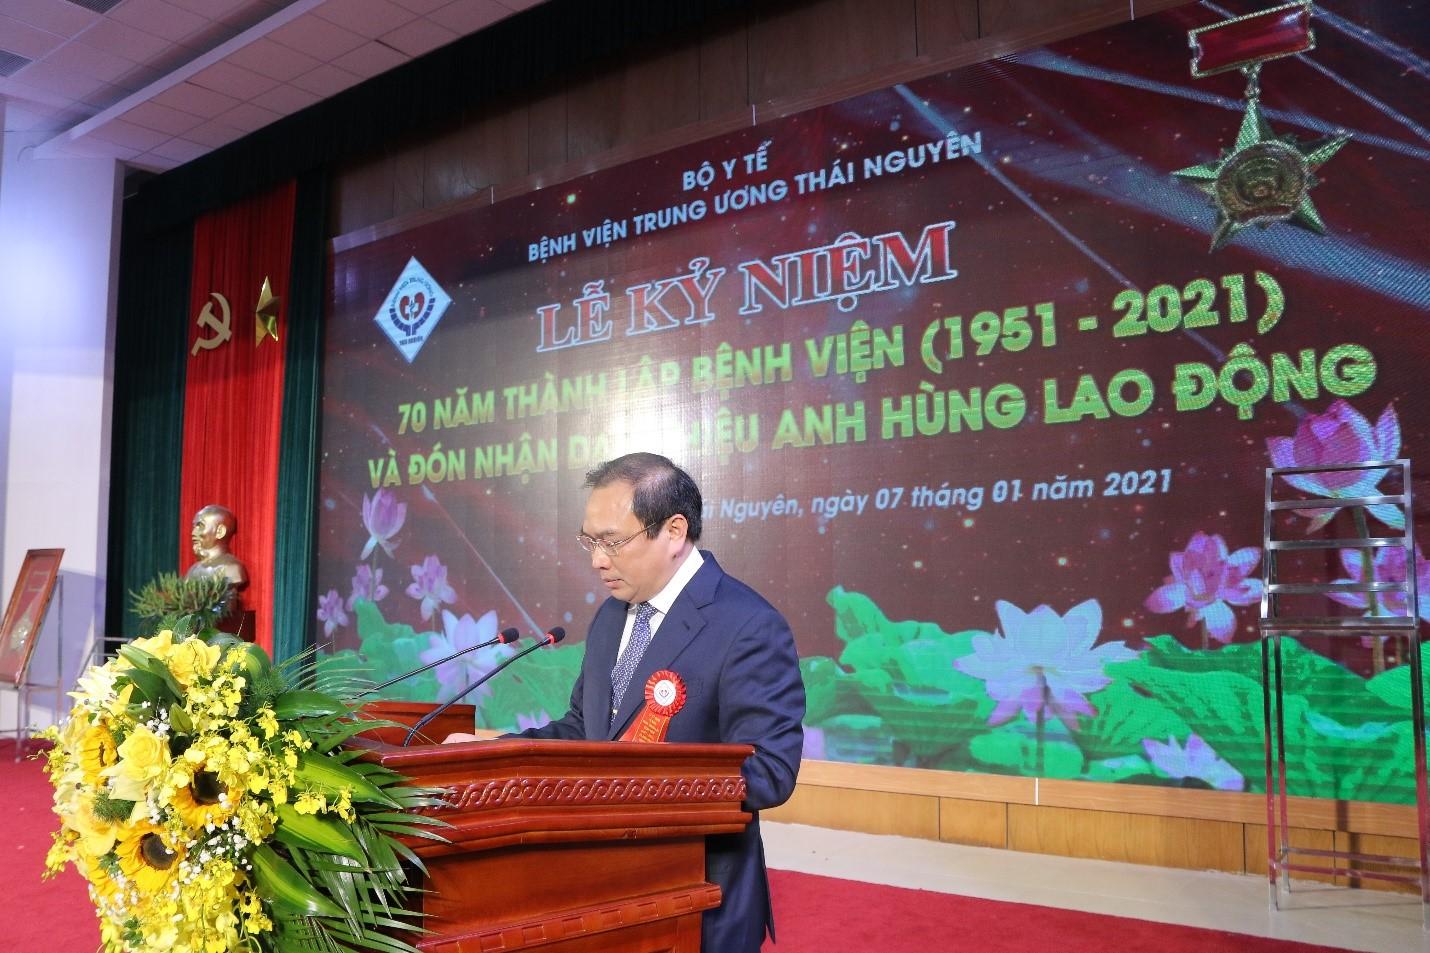 Xây dựng Bệnh viện Trung ương Thái Nguyên xứng đáng là đơn vị Anh hùng Lao động và niềm tin của nhân dân